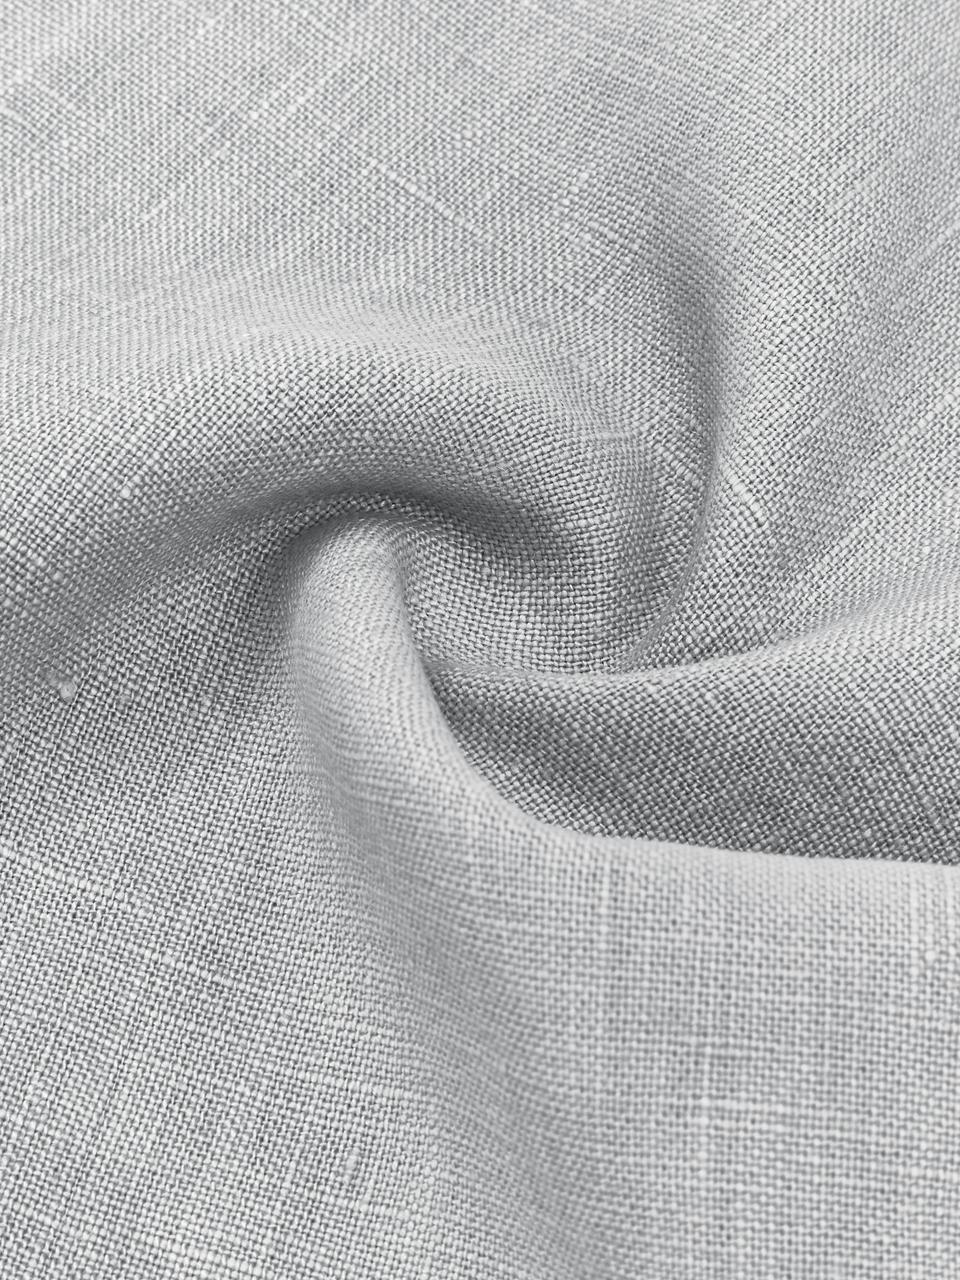 Leinen-Kissenhülle Luana in Hellgrau mit Fransen, 100% Leinen, Hellgrau, 30 x 50 cm